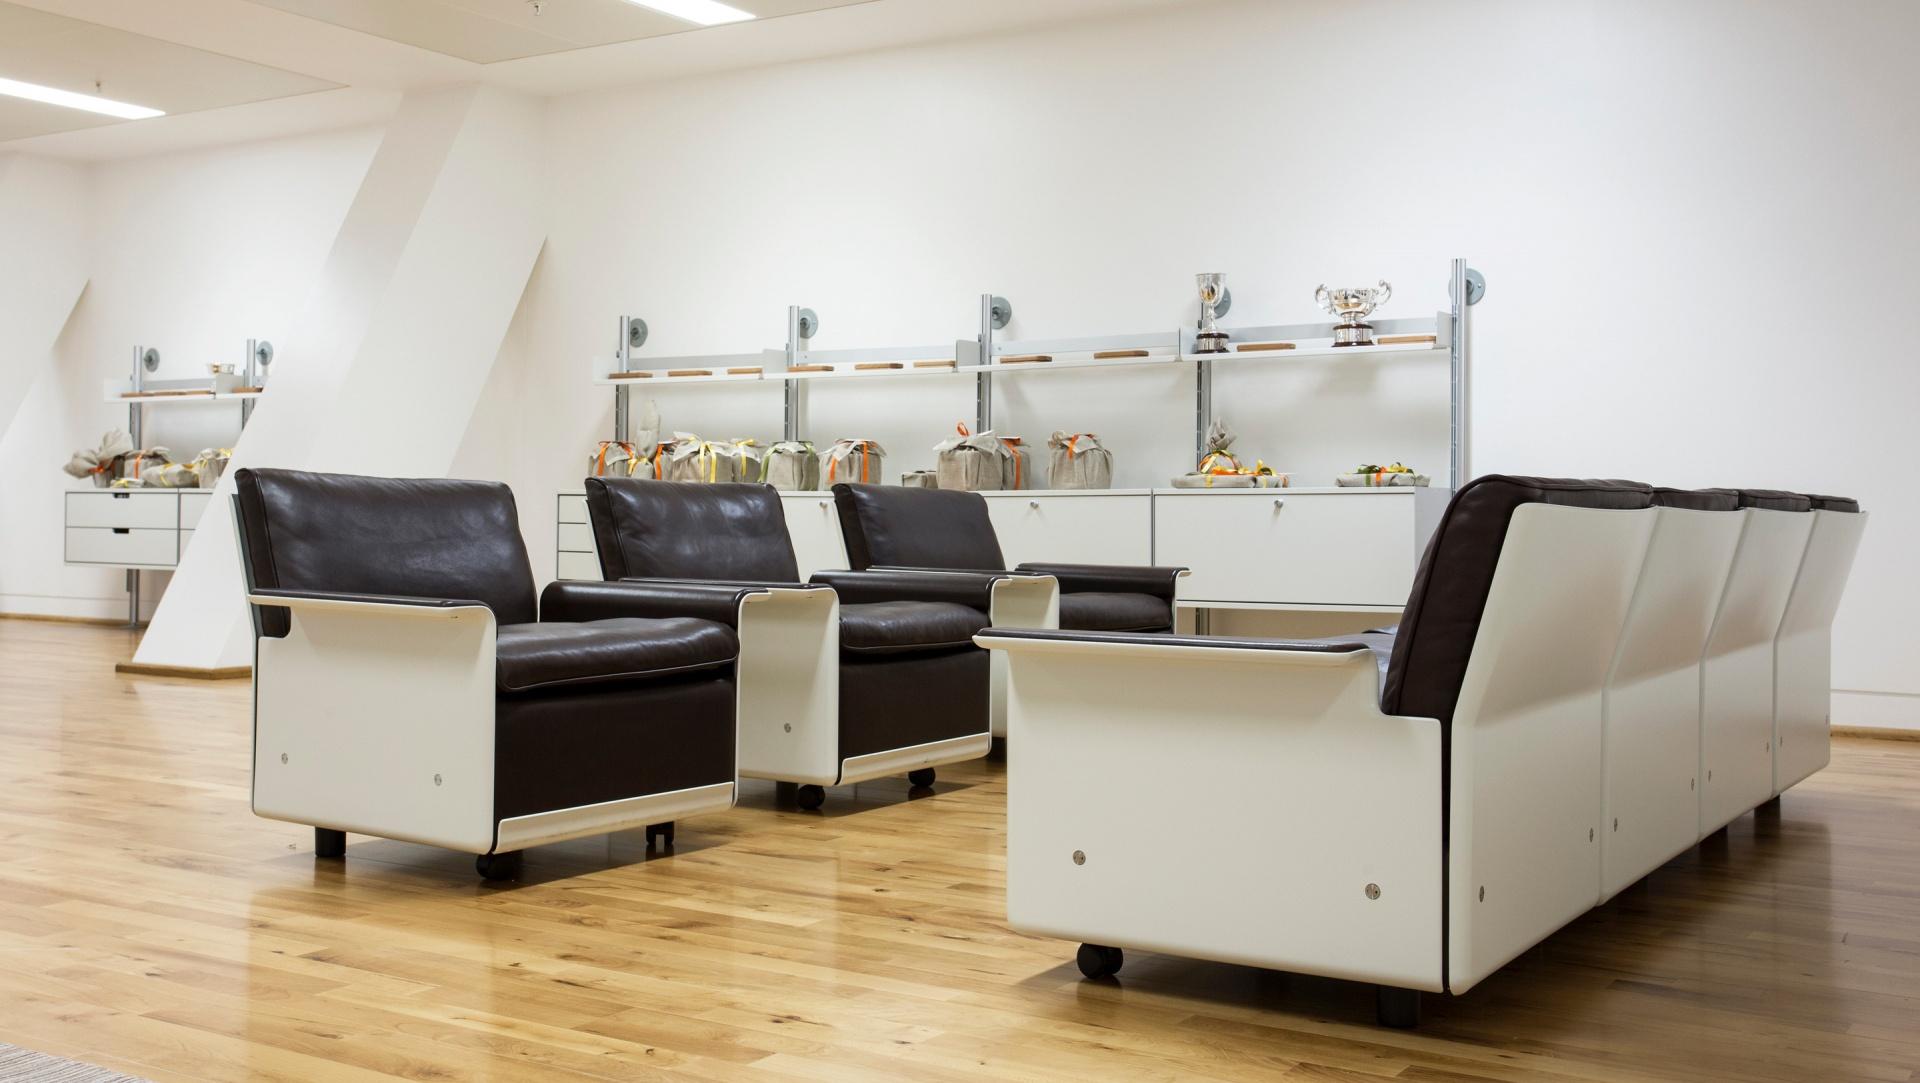 Verwandeln Sie einzelne Sessel in ein Sofa – mit nur einem Werkzeug.